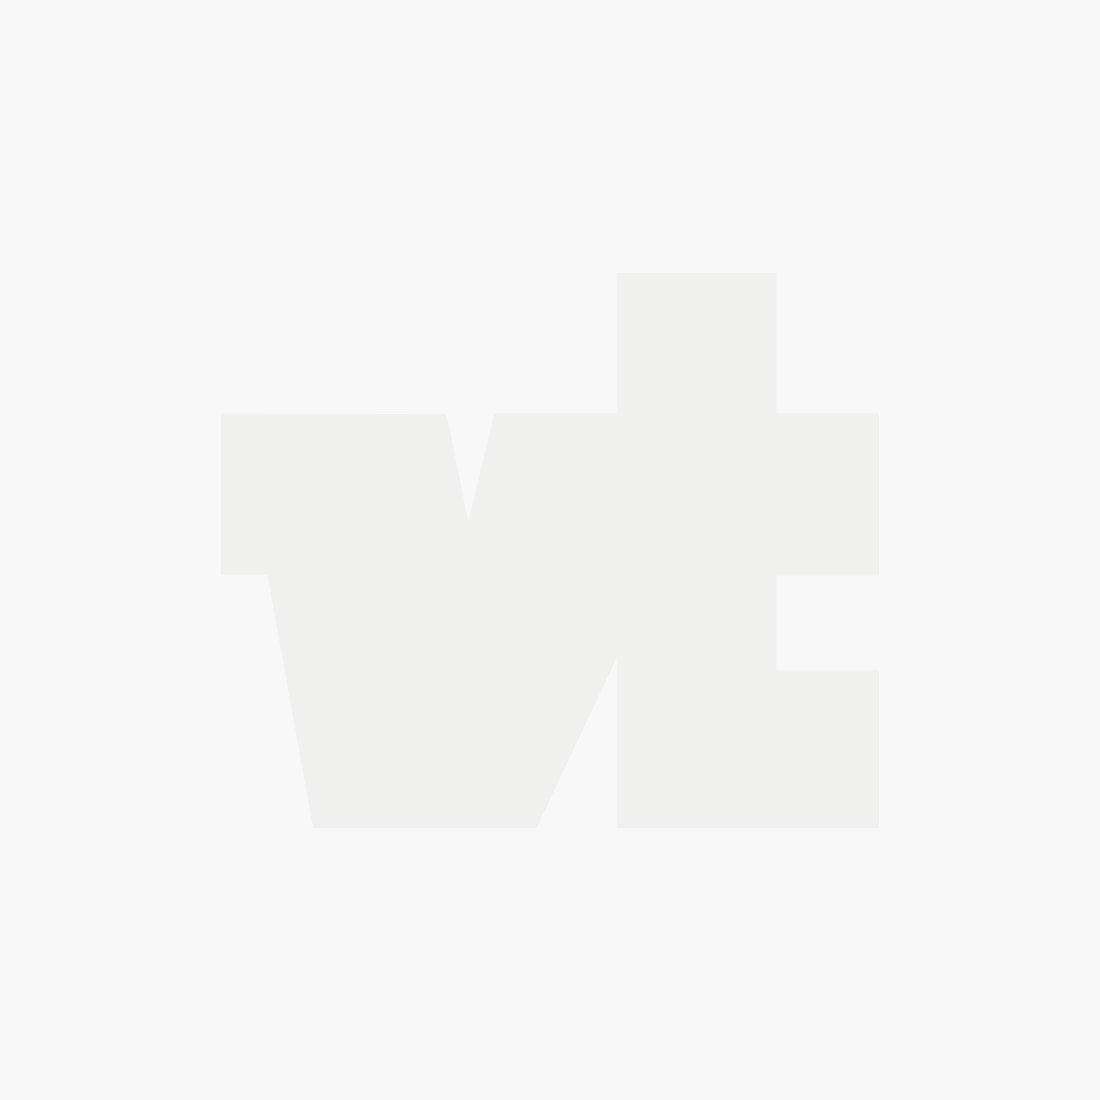 De G-star Raw collectie bij VT Mode